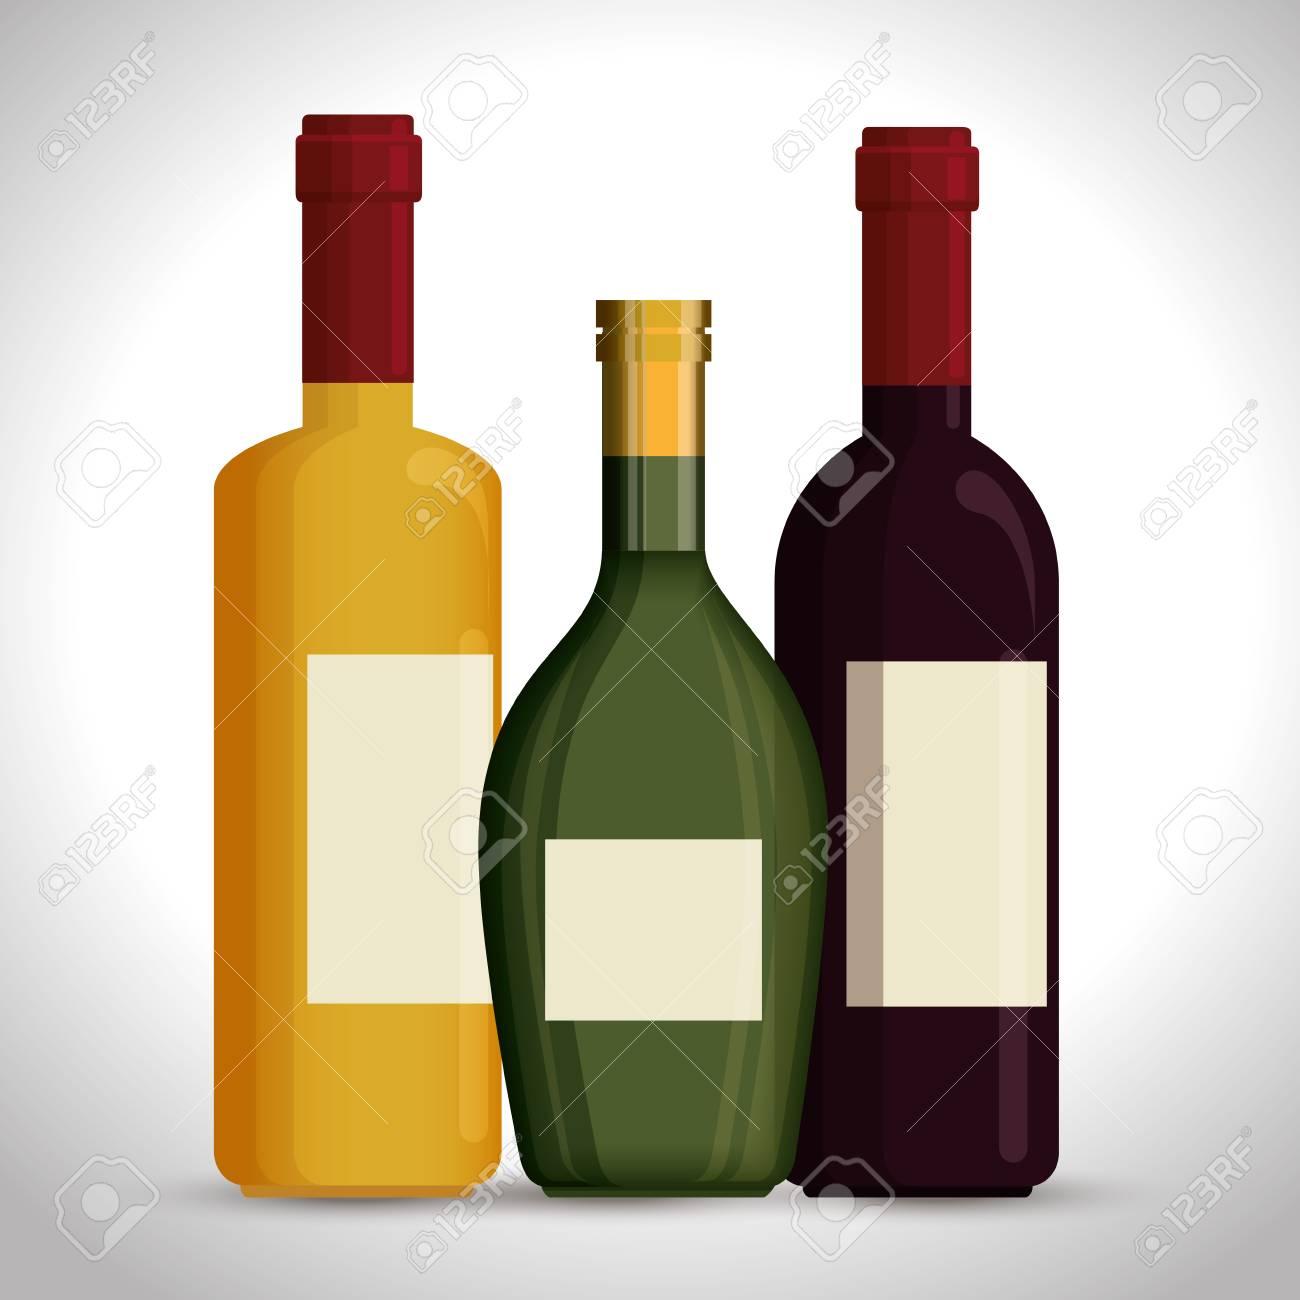 red wine bottles label vector illustration design.